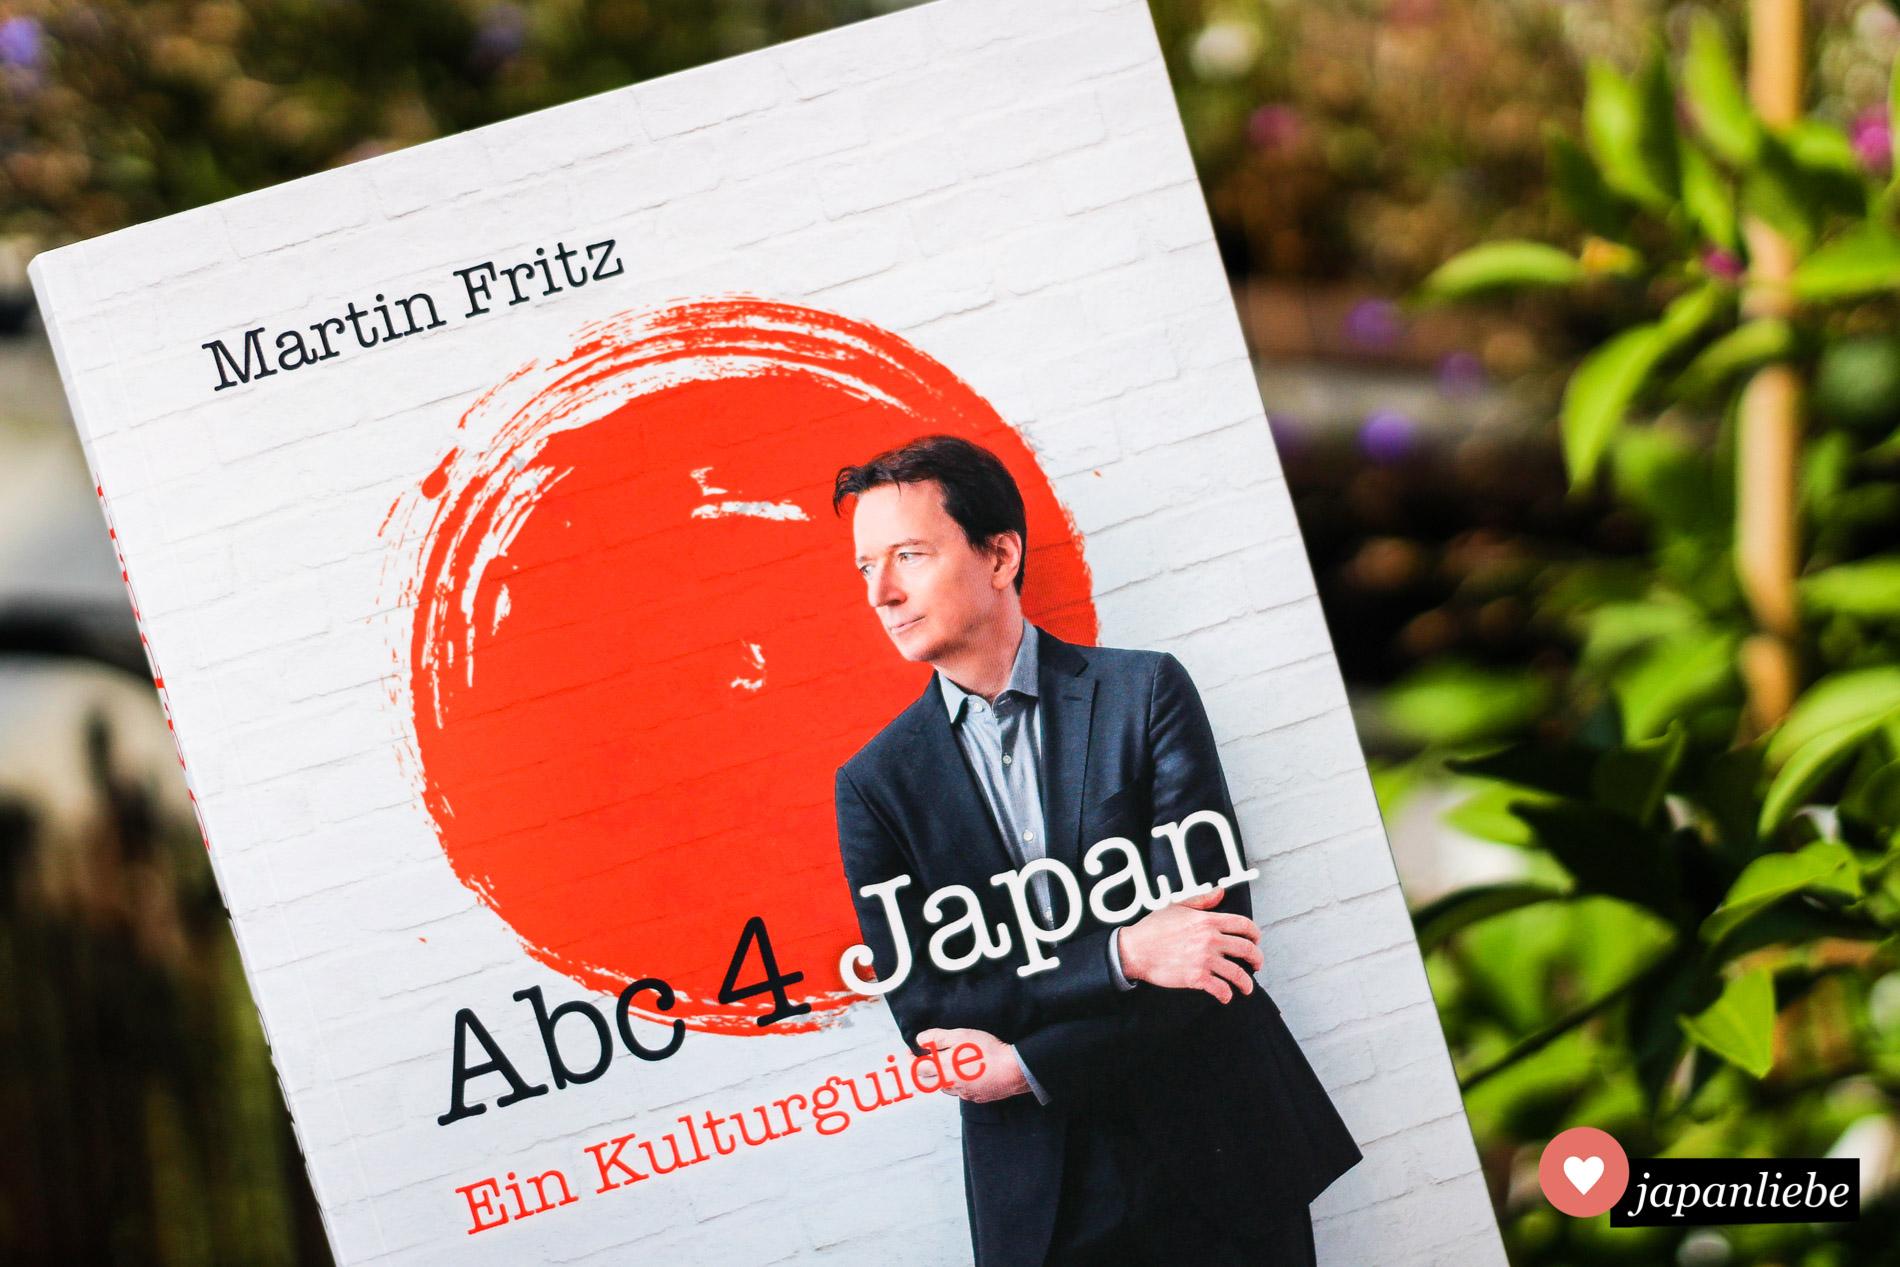 """""""Abc 4 Japan – Ein Kulturguide"""" von Martin Fritz."""